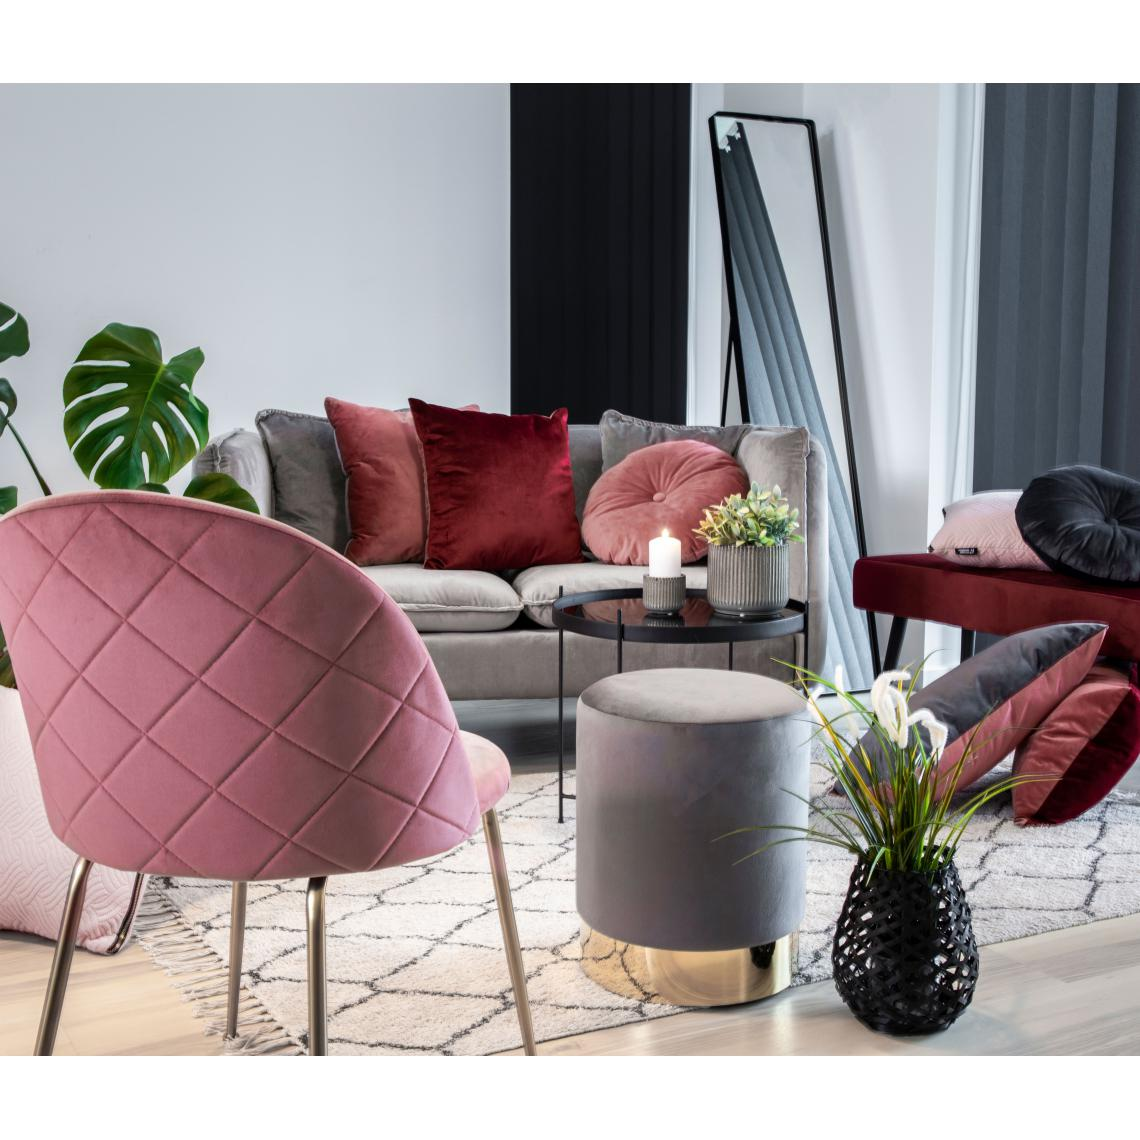 Linge De Maison Bordeaux coussin réversible en velours rose et bordeaux braga plus de détails